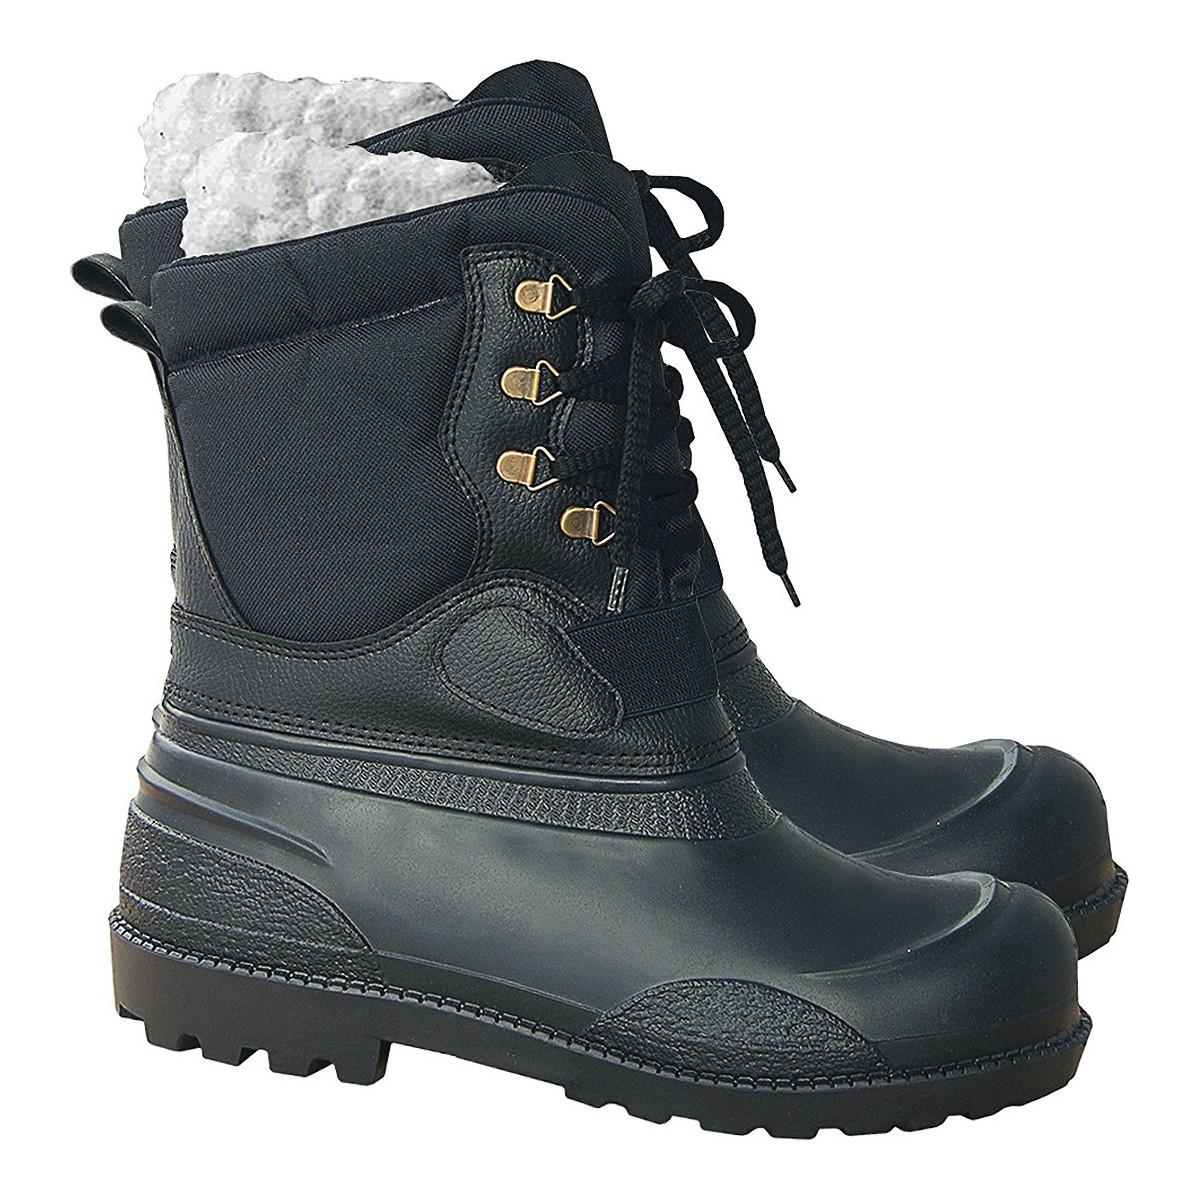 a90355ef PROTEGO - obuwie robocze i zawodowe REIS - hurtownia i sklep internetowy